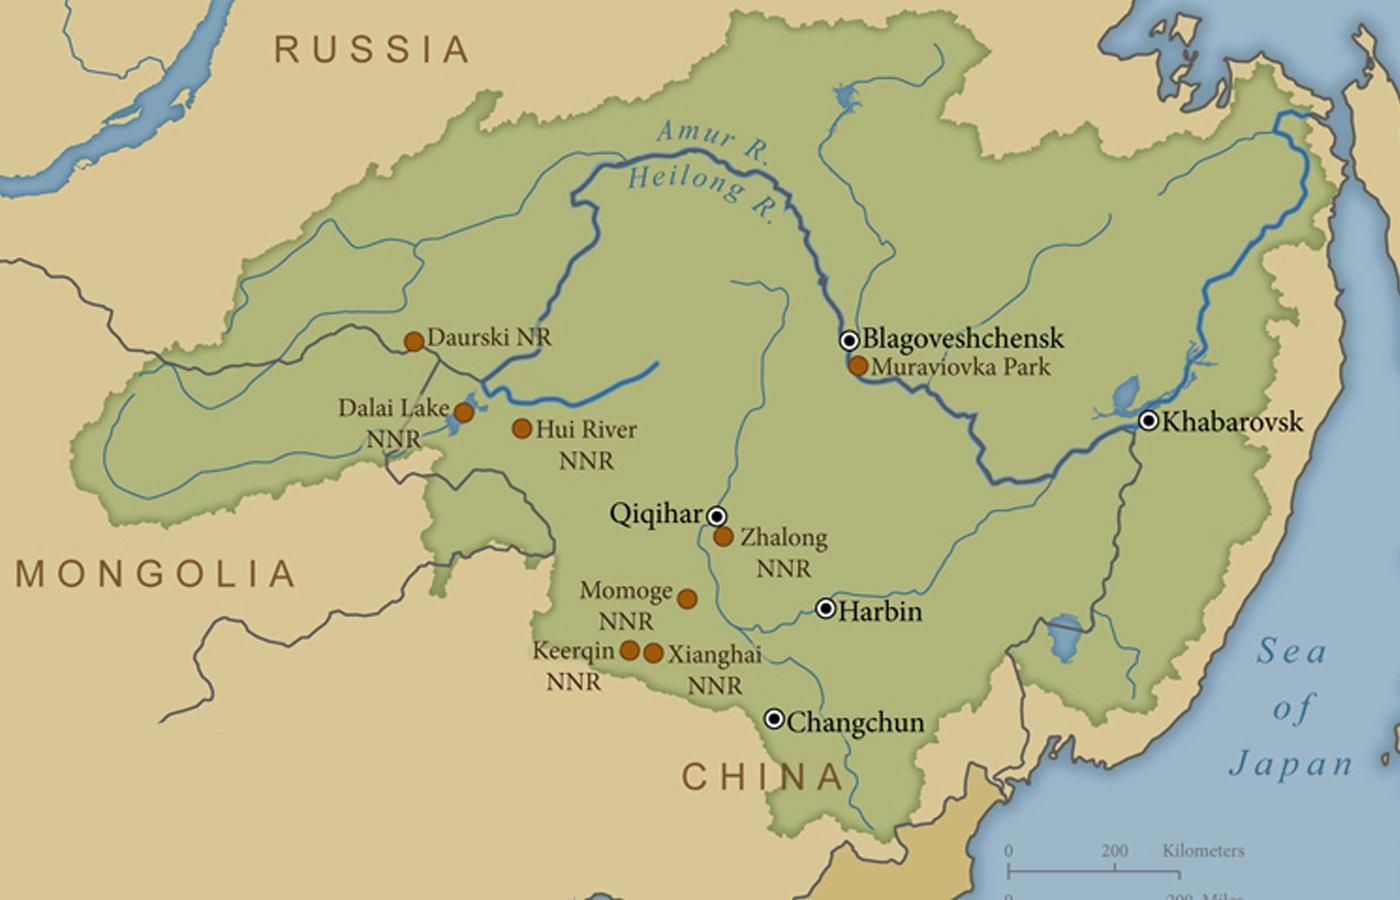 اولین تله کابین بین مرزی جهان؛ سفر هوایی از روسیه به چین در تنها 8 دقیقه